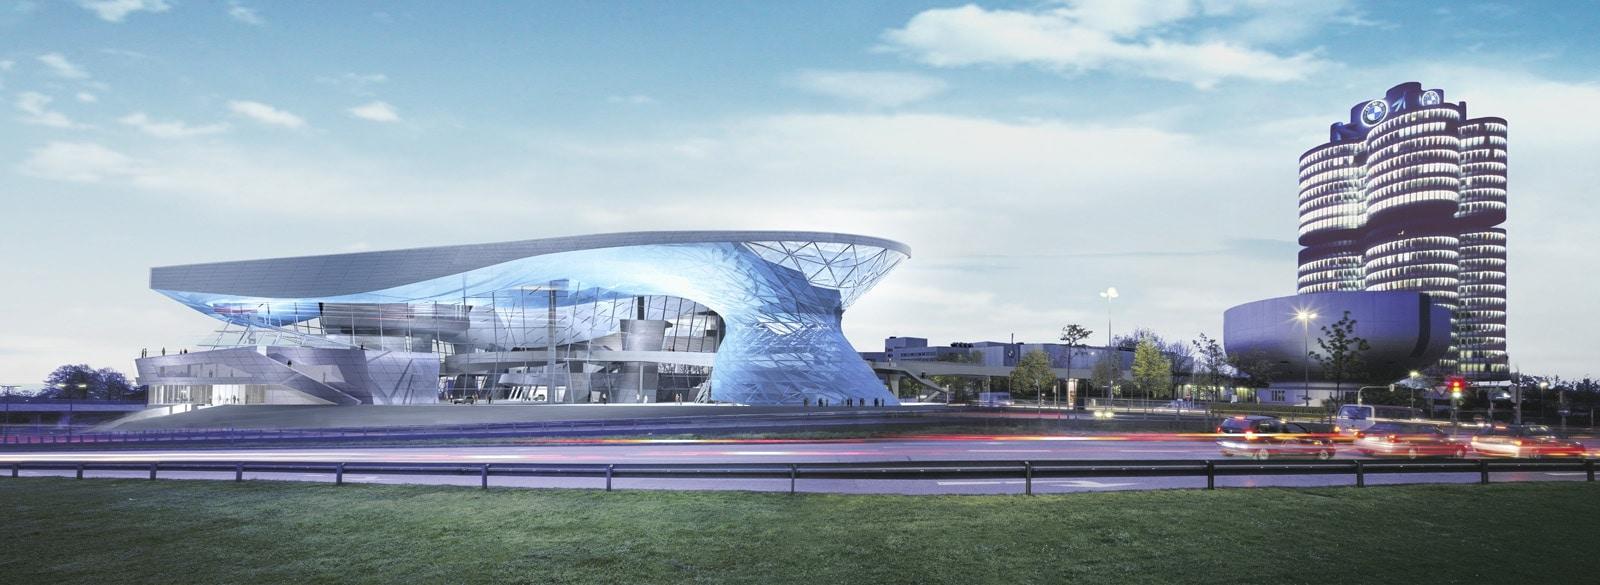 Clădirea inovatoare Bmw Welt, în imediata apropiere a fabricii și muzeului BMW